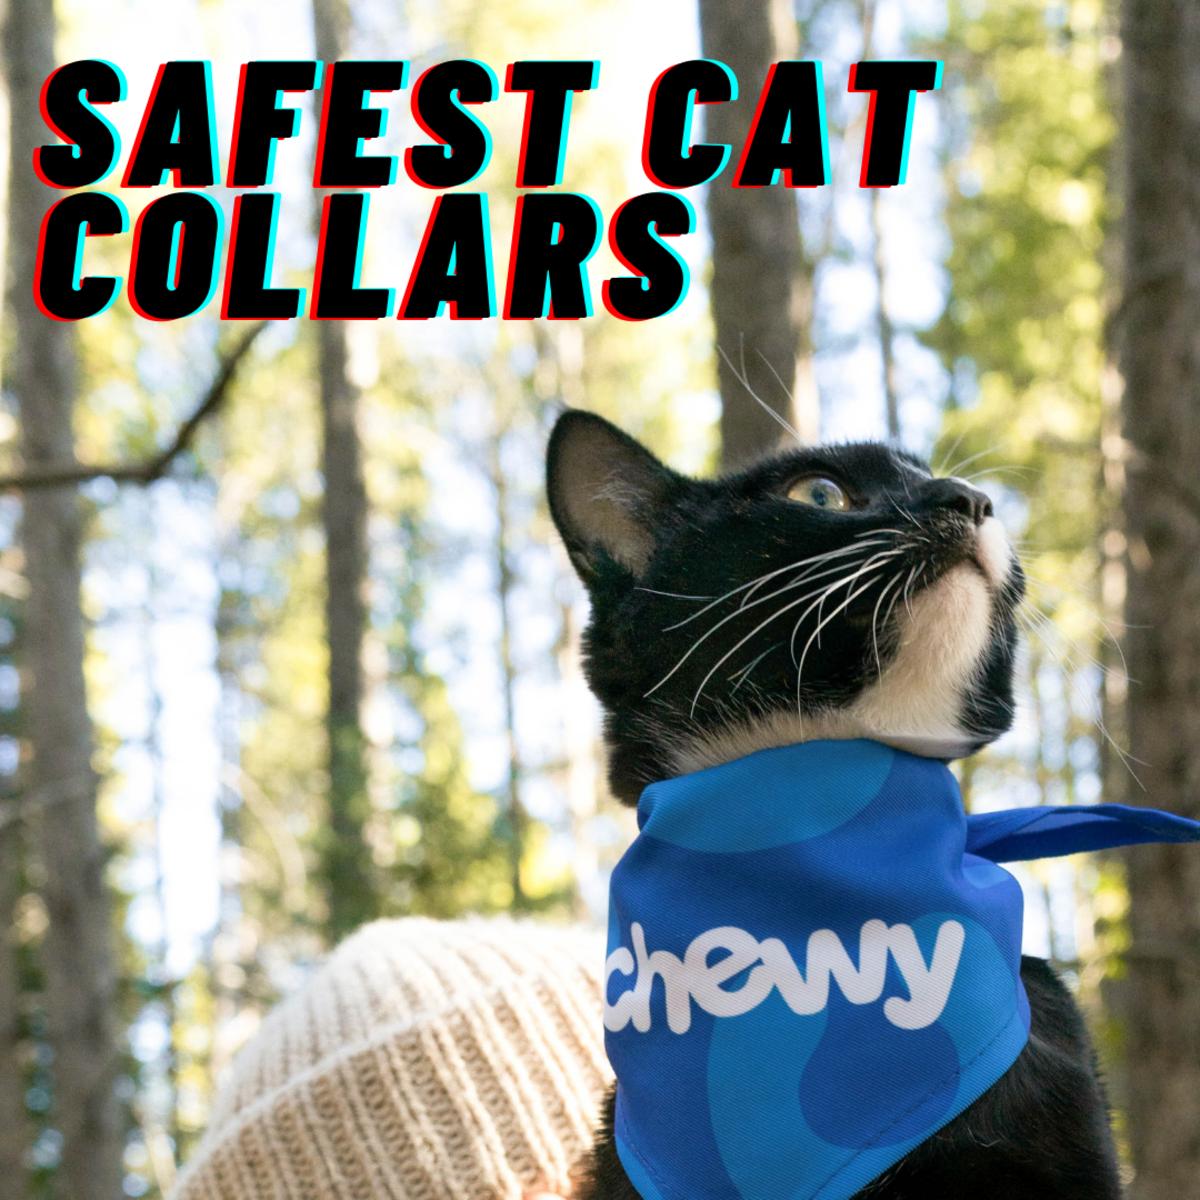 Safest Cat Collars